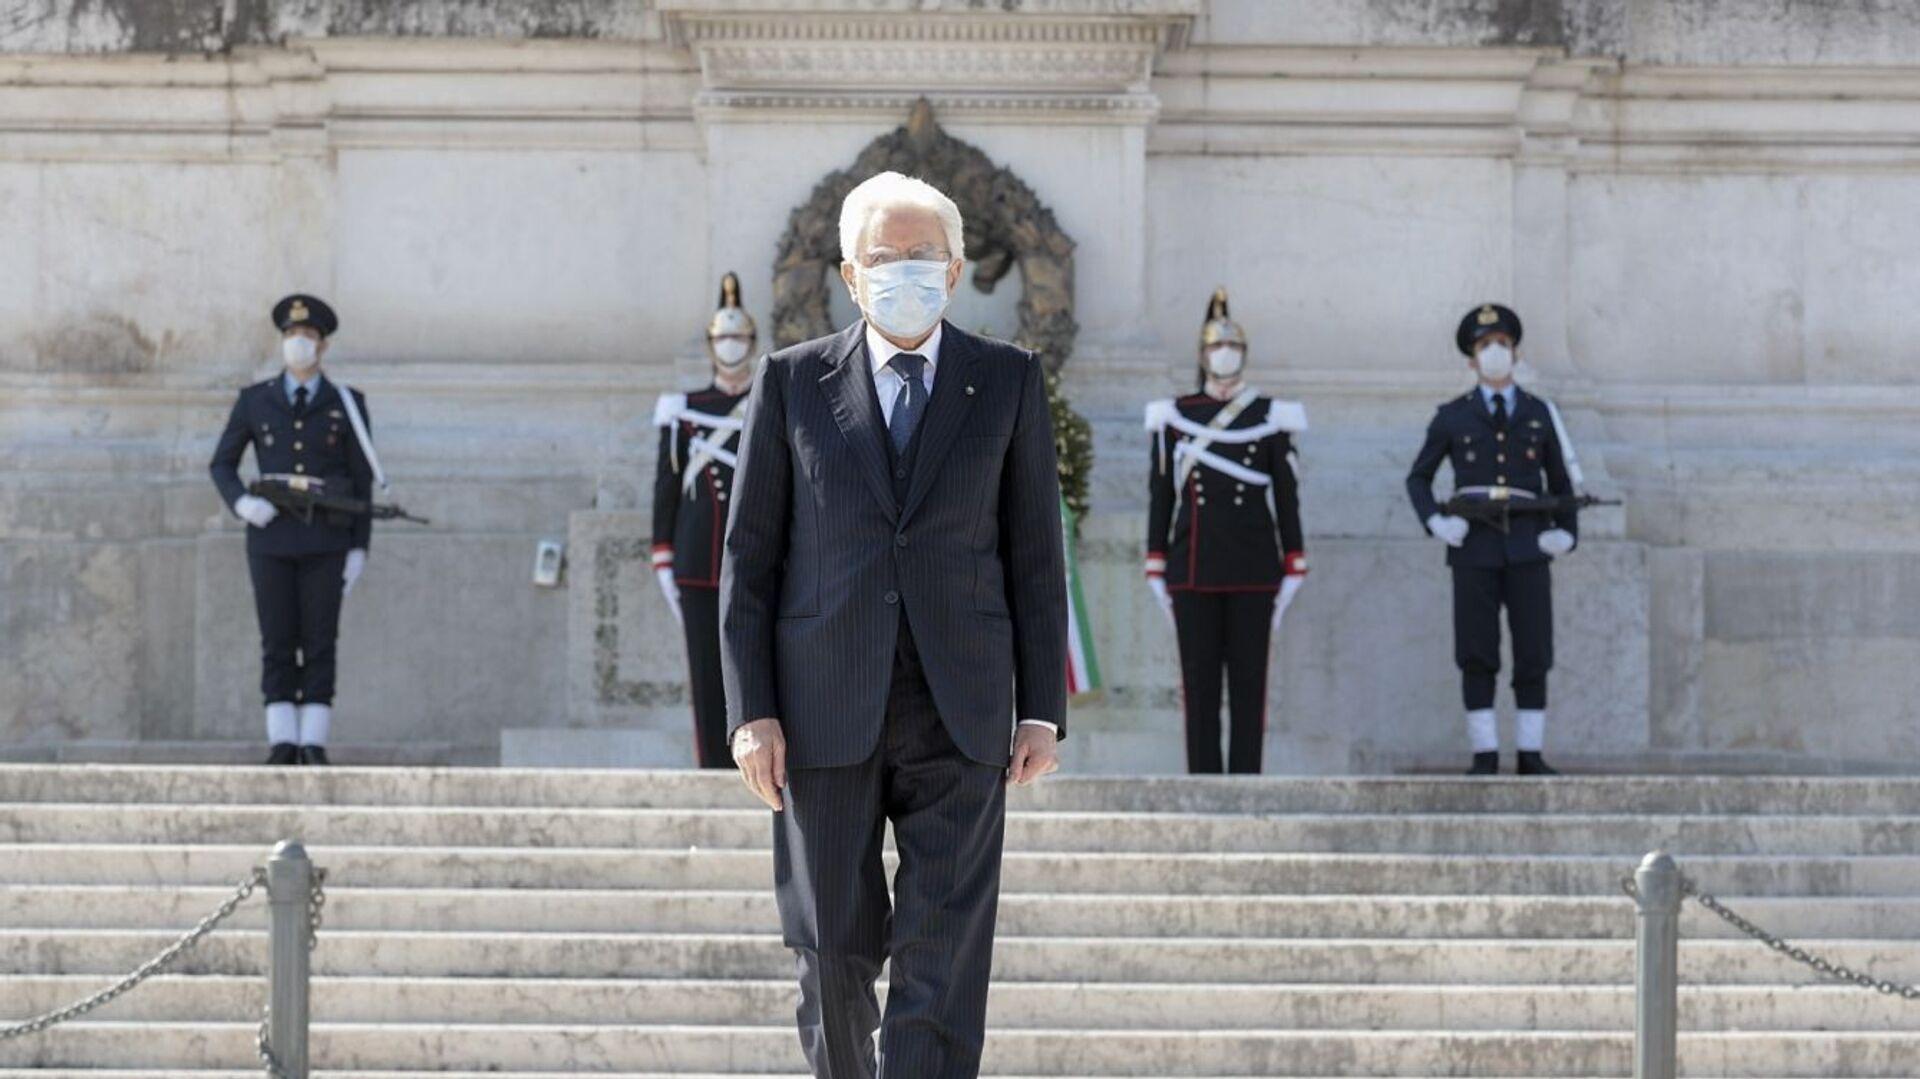 Il Presidente Sergio Mattarella in occasione della deposizione di una corona d'alloro sulla Tomba del Milite Ignoto, nella ricorrenza del 75° anniversario della Liberazione - Sputnik Italia, 1920, 18.05.2021